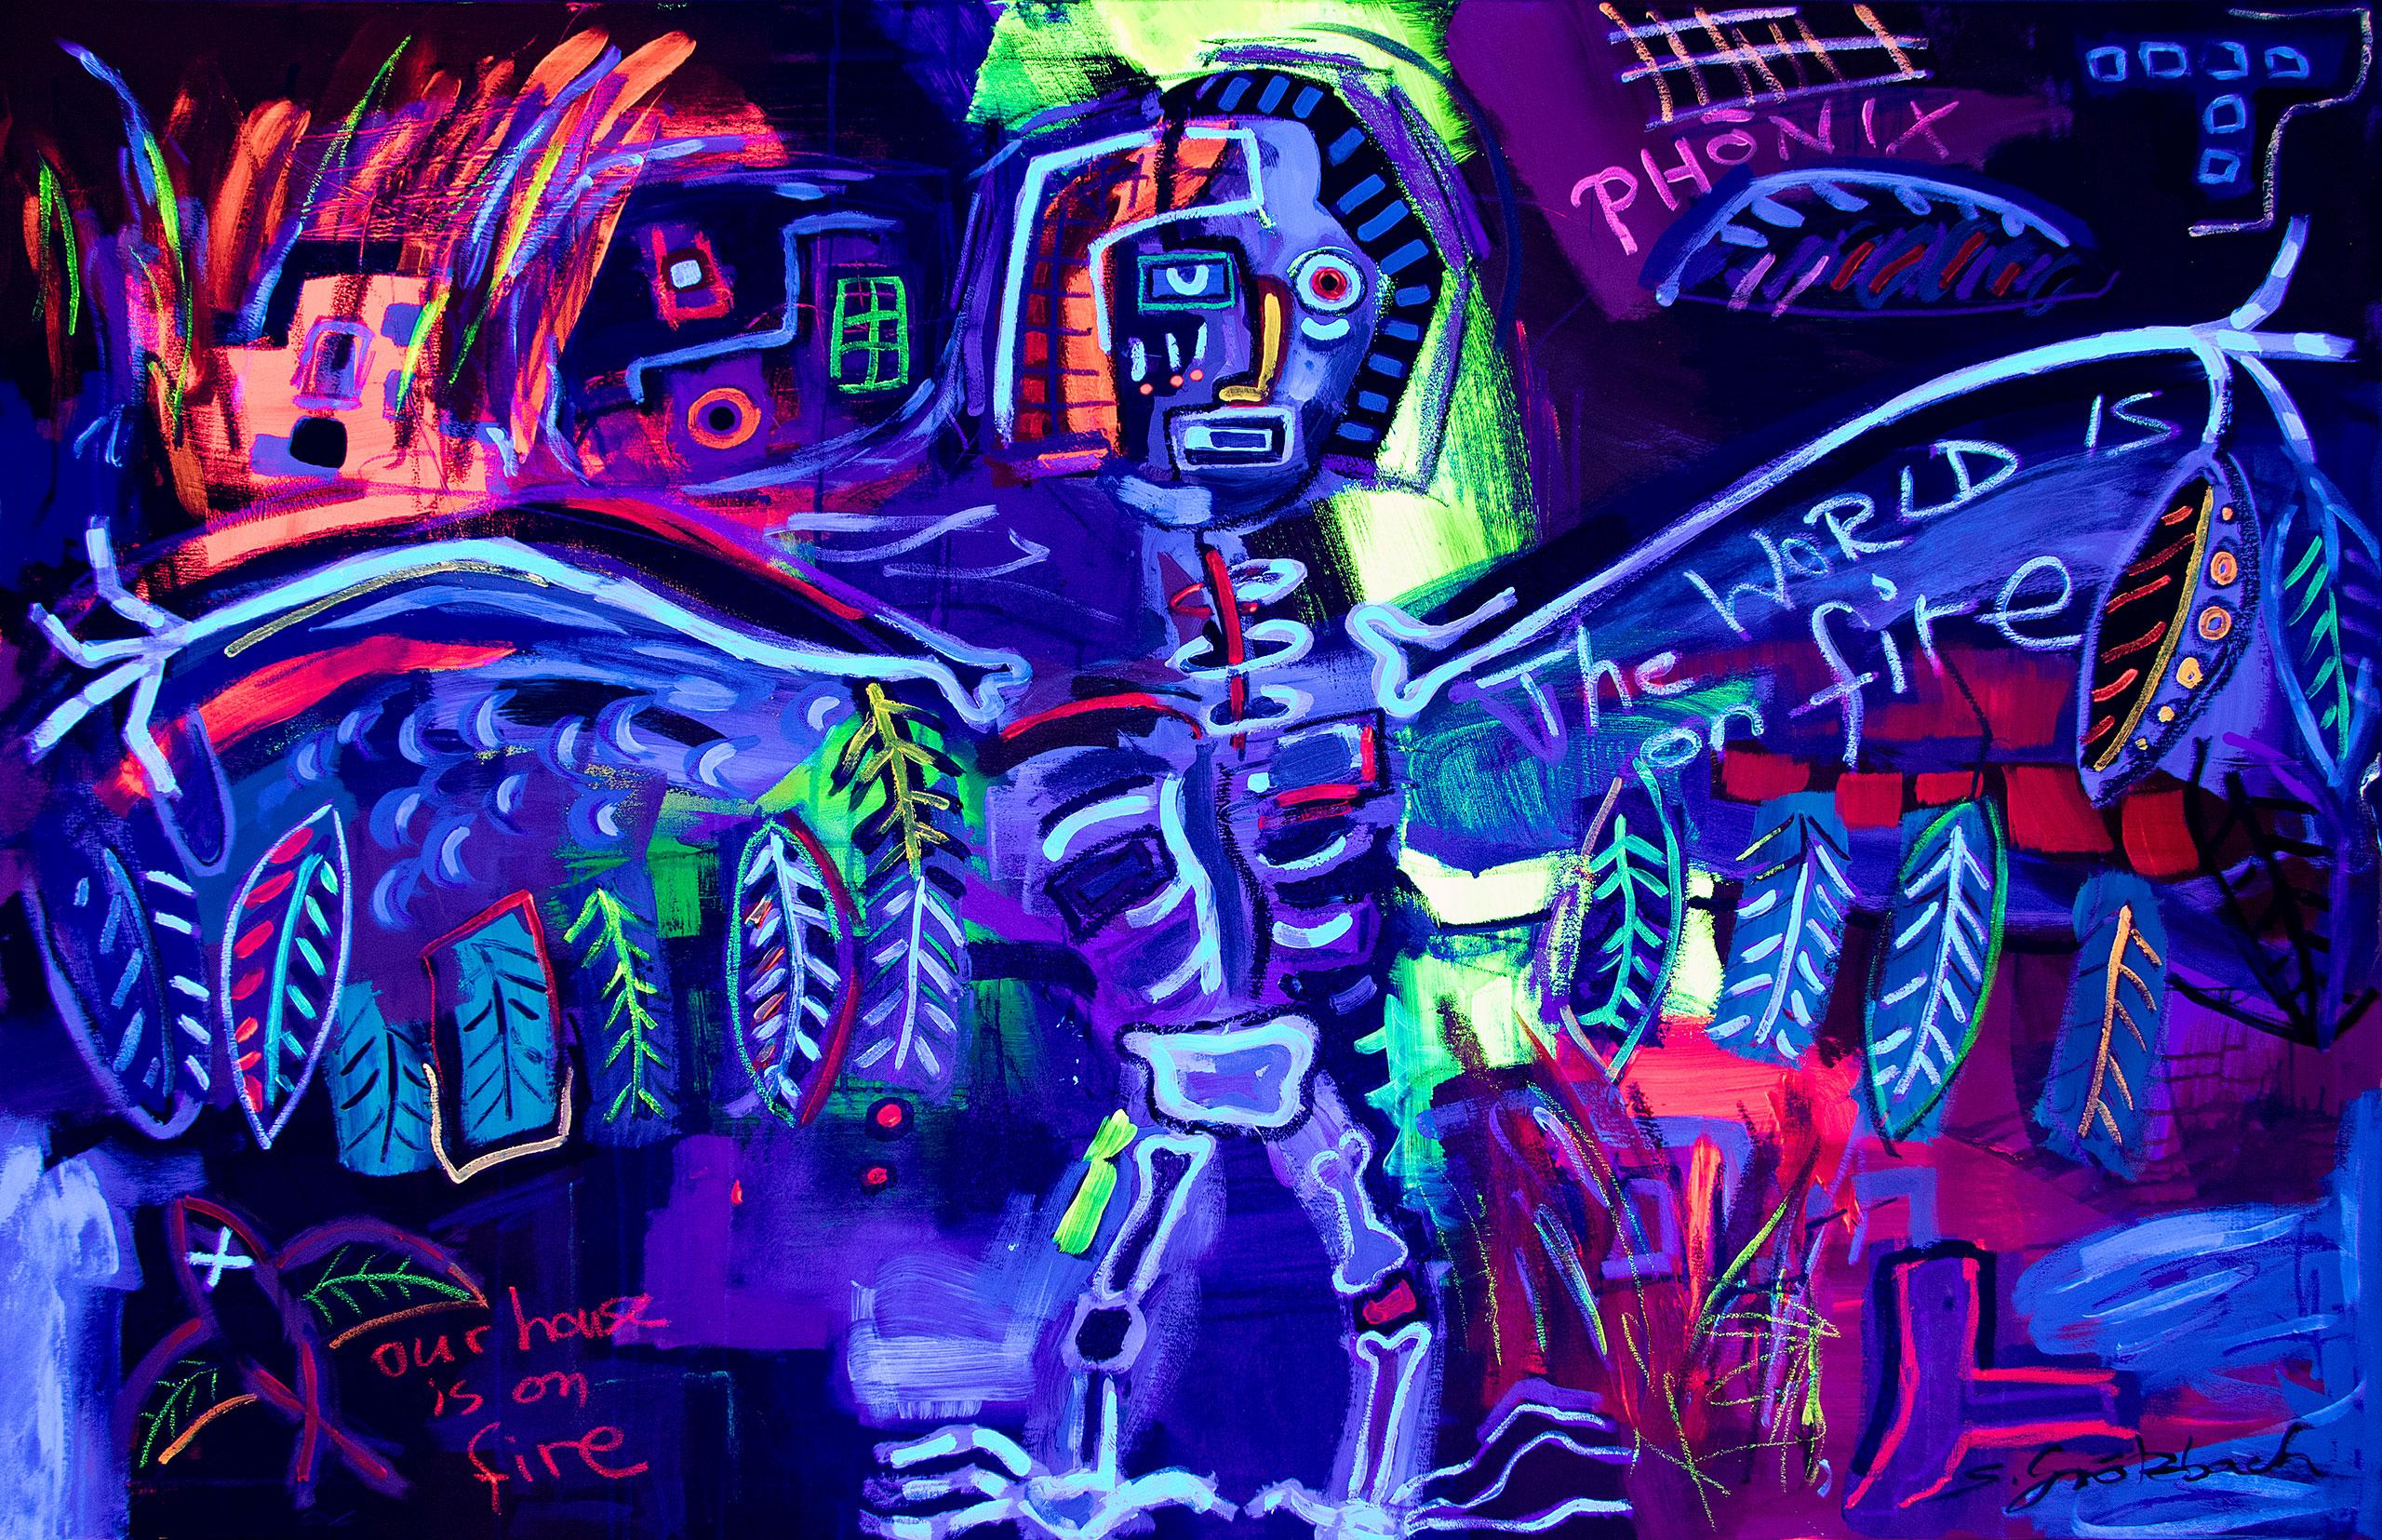 Grötzbach, sabine grötzbach, groetzbach, sgroetzbach, UV, Blacklight, Blacklight-art, Blacklightart, ultraviolett, ultra violett, ultra-violett, uv-kunst, moderne kunst, modern art, expressionismus, 76356 Weingarten, 76356, Karlsruhe, Kunst, Kunst Karlsruhe, Ausstellung, Art, Art Karlsruhe, art-karlsruhe, Künstler karlsruhe, Baden-Baden, Kunstverein baden-Baden, Badischer Kunstverein, schwarzlicht, schwarzlicht-kunst, schwarzlichtkunst, kunstschule Bruchsal, Muks, Kugel, kugel linkenheim, 12 plus, 12+, künstlergruppe, Skulptur, Skulpturen, Holzskulpturen, Kettensägenkunst, Carving, schnitzen, holzschnitzerei, schnitzen, schnitzerei, Tod, Wiedergeburt, Auferstehung, bibel, bibel kunst, religion kunst, politische kunst, exhibition, Ausstellung, Ausstellung durlach, durlach-art, Ausstellung Karlsruhe, Ausstellung Bruchsal, Grötzingen, Künstler grötzingen, künstlerin weingarten, grötzbach weingarten, gallerie kunst, sammler, galerie sammler, gallerie new york, gallery new york, gallery, kunstsammler, gallerie paris, new york art, art international, paris art, kunst paris, kunst amerika, art amerika, art america, kunst deutschland, art germany, kunst international, picasso, basquiat, louvre, Museum Paris Frankreich, National Museum of China Peking, British Museum London Großbritannien, kunsthalle, museum, Kunsthalle Marcel Duchamp Wolfsburg Deutschland, Vatikanische Museen Vatikanstadt Italien, Metropolitan Museum of Art New York USA, Pergamonmuseum Berlin Deutschland, museum berlin, Kopenhagen Statens Museum for Kunst, Staatliche Kunsthalle Baden-Baden, Frida burda, Kunstmuseum Bayreuth, nationalgalerie, nationalgalerie berlin, Berlin Alte Nationalgalerie, Berlin Altes Museum, Berlin Berlinische Galerie, Berlin Bode-Museum, Berlin Bröhan-Museum, Brücke-Museum Berlin, Gemäldegalerie berlin, Gemäldegalerie, Staatliche Kunsthalle Karlsruhe, Zentrum für Kunst und Medientechnologie, ZKM, ZKM Kalsruhe, Staatsgalerie, Staatsgalerie Stuttgart, Kunstmuseum, Kunstmuseum stuttgart